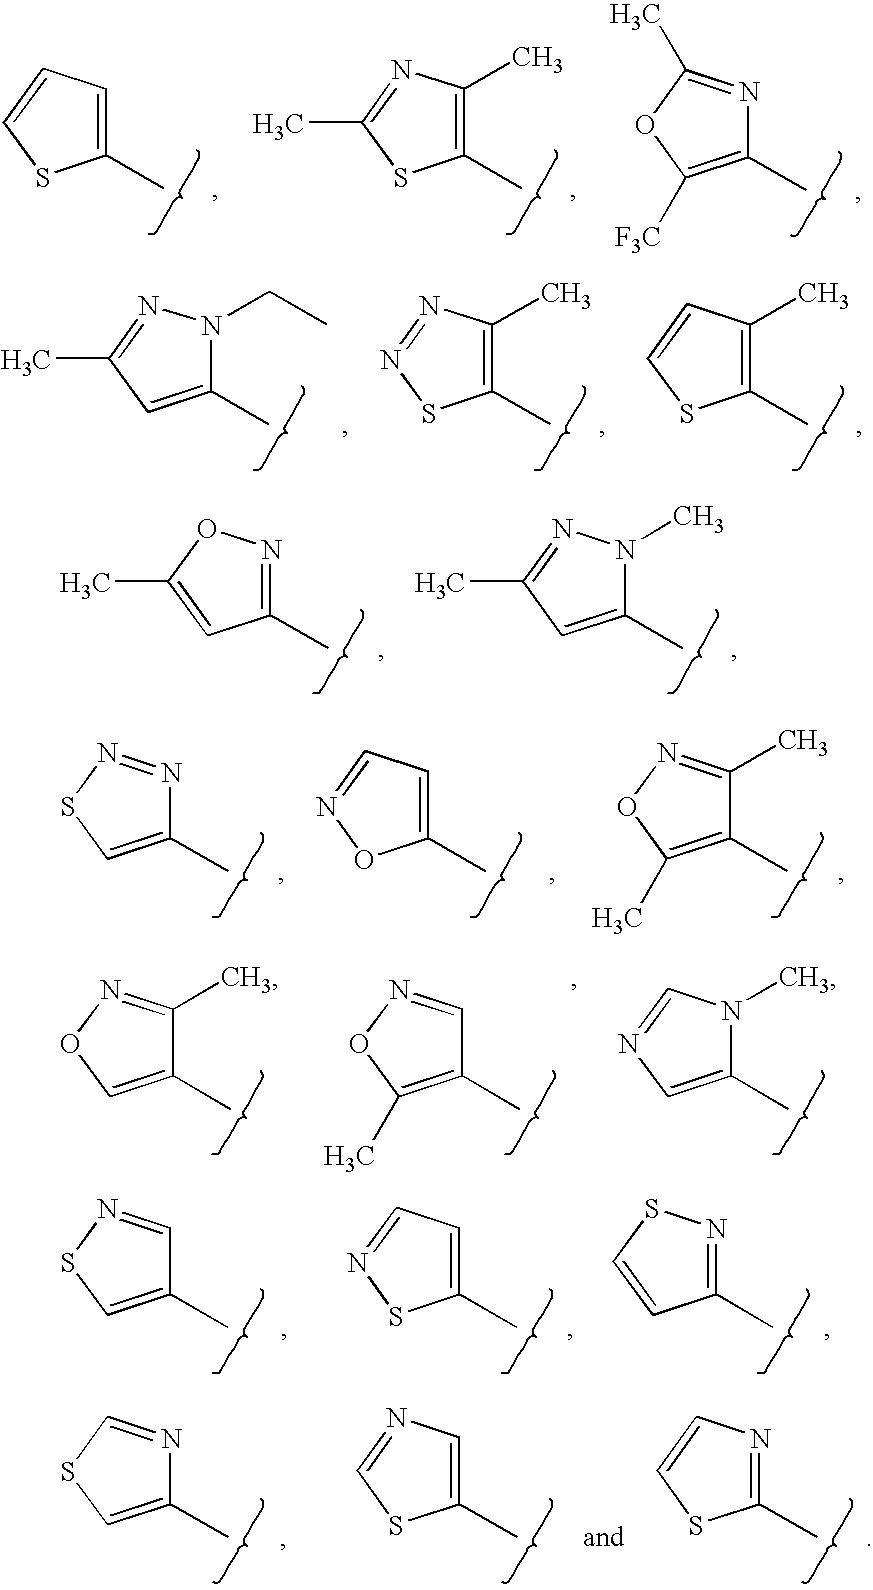 Figure US07709518-20100504-C00030